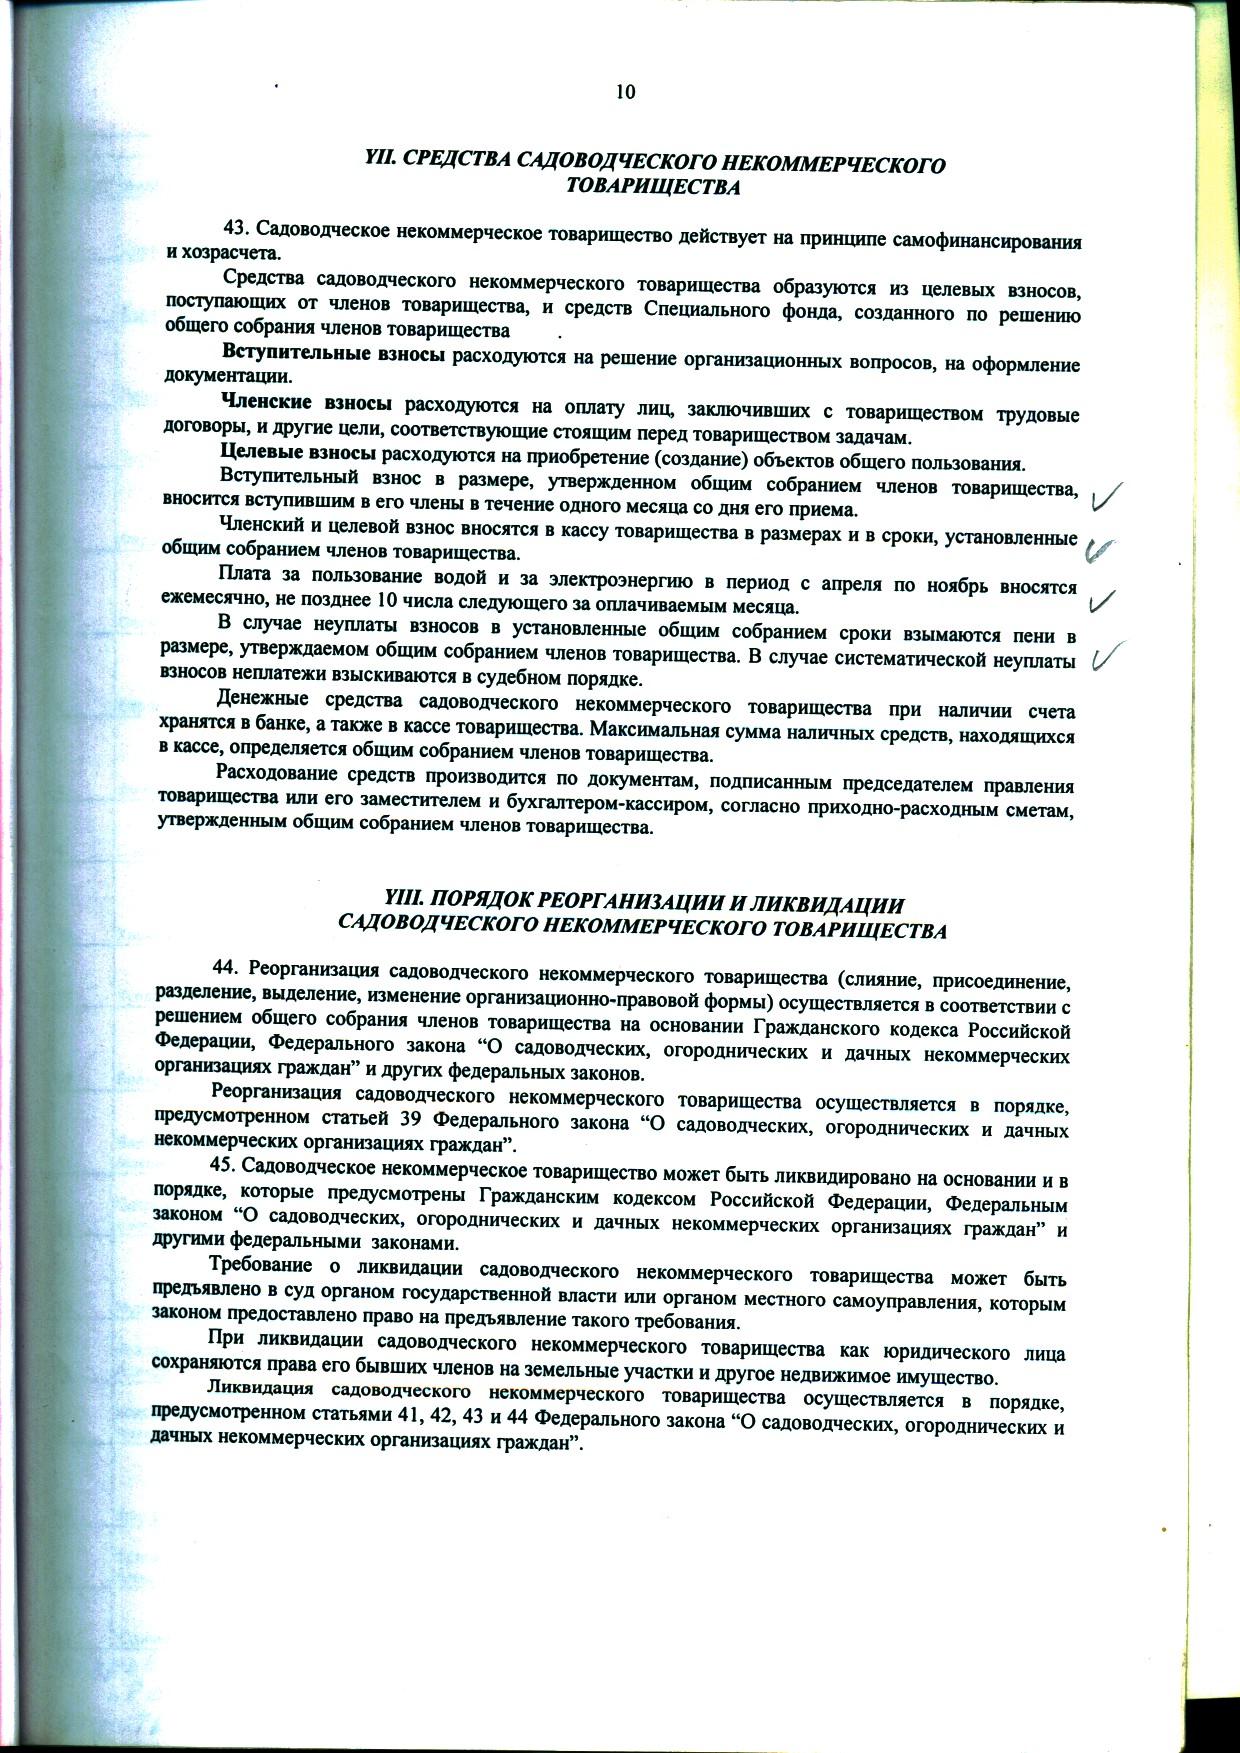 """Устав СНТ """"40 лет Октября"""" г. Одинцово"""